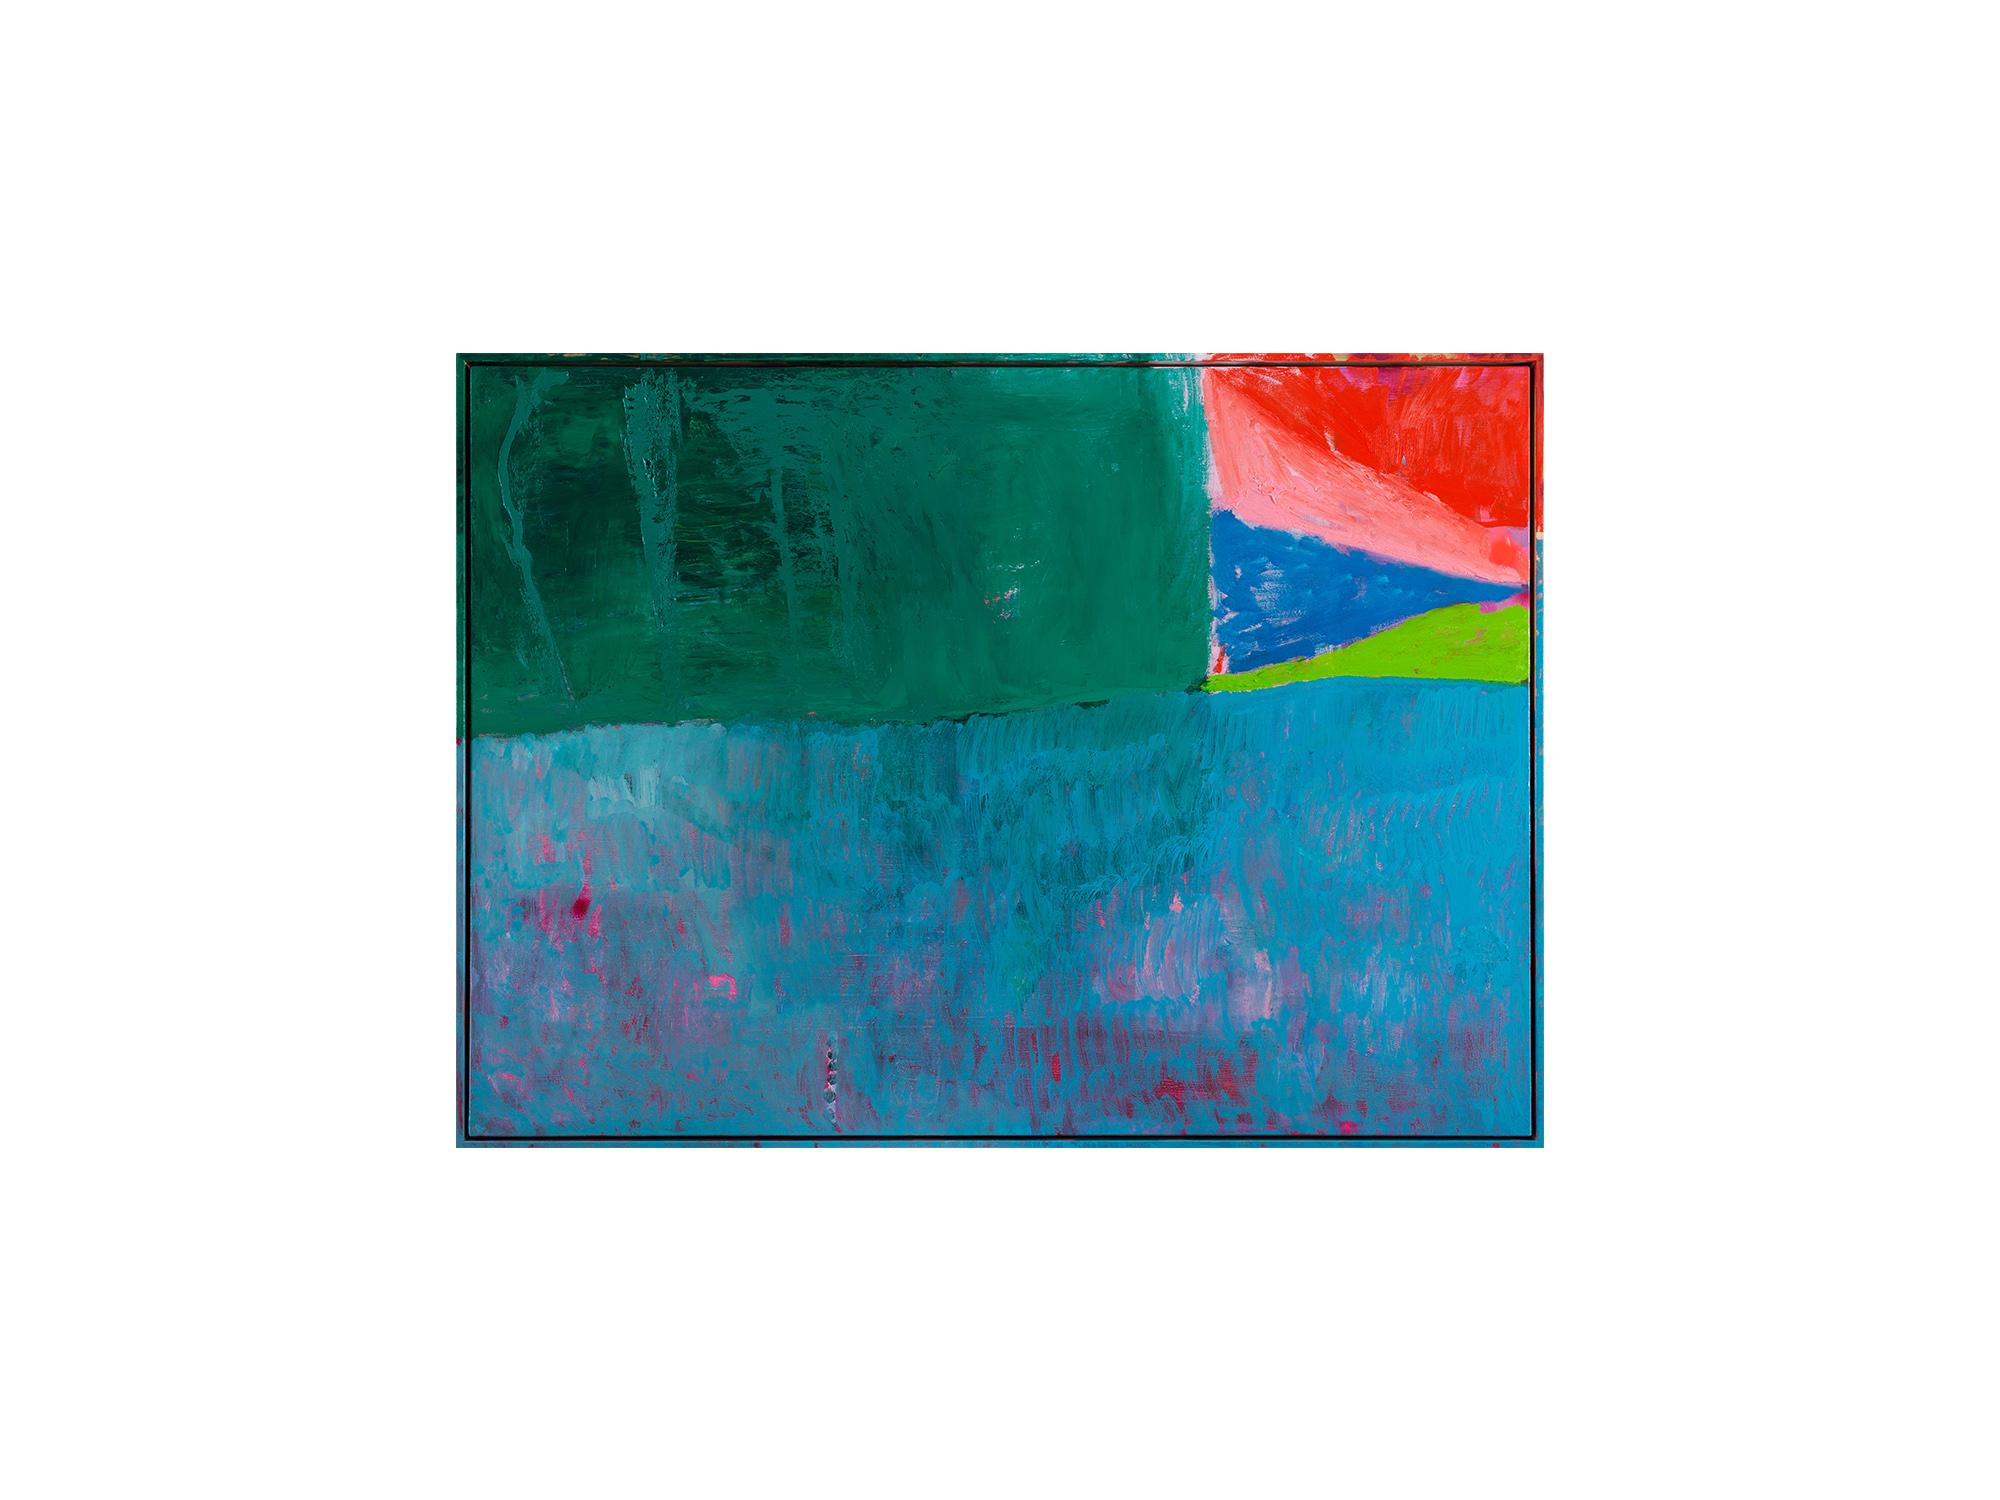 Miranda Skoczek   Rug Flag Rug , 2017 oil and enamel spray paint on linen 95 x 125cm framed